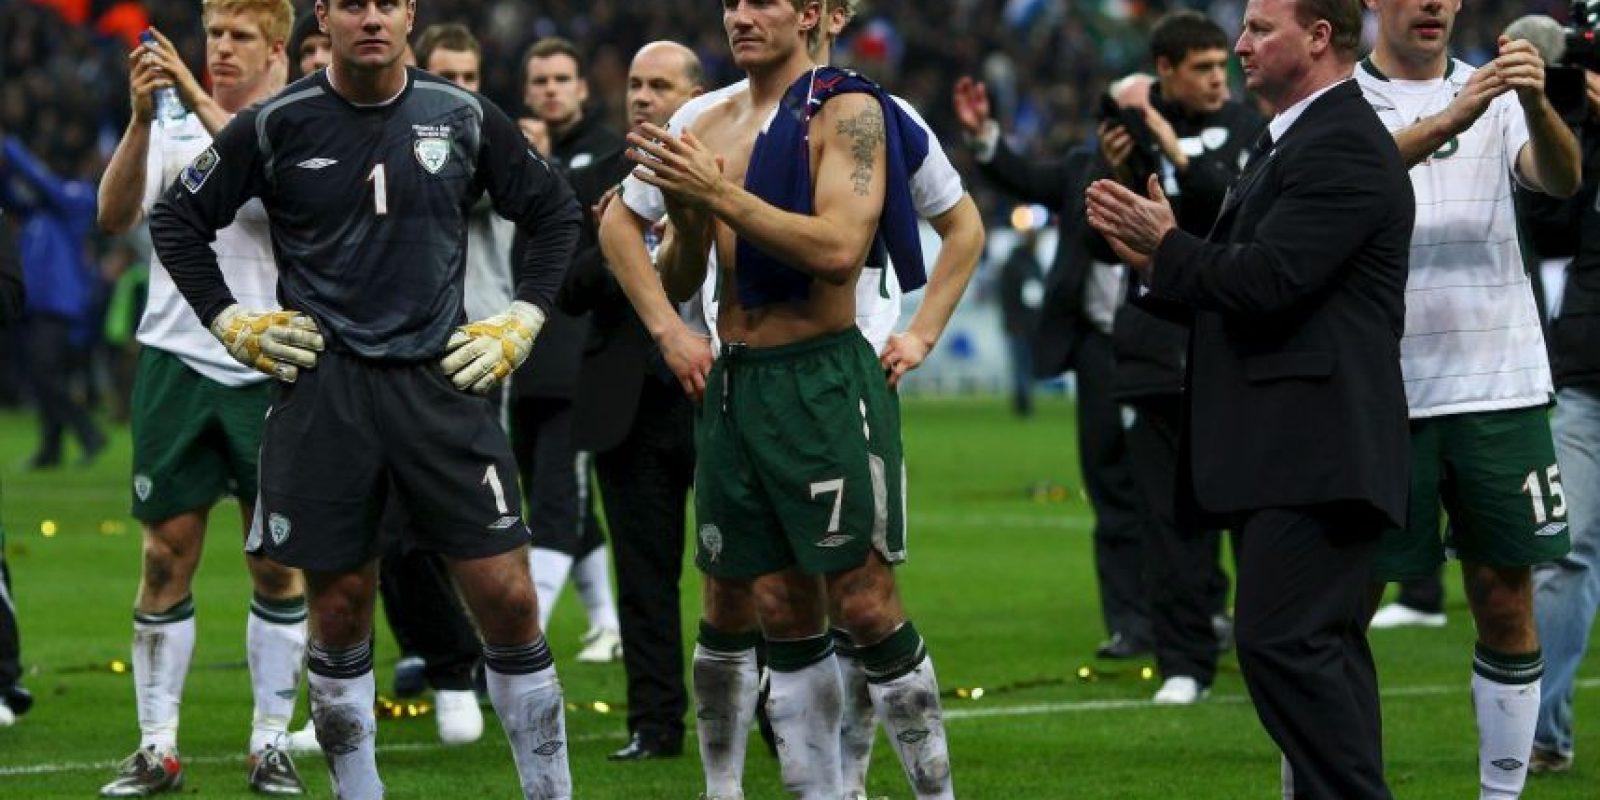 """Finalmente, """"Les Bleus"""" fueron a Sudáfrica 2010 donde les fue muy mal. Se regresaron tras una primera ronda al ser eliminados en un grupo A en que clasificaron México y Uruguay. Foto:Getty Images"""